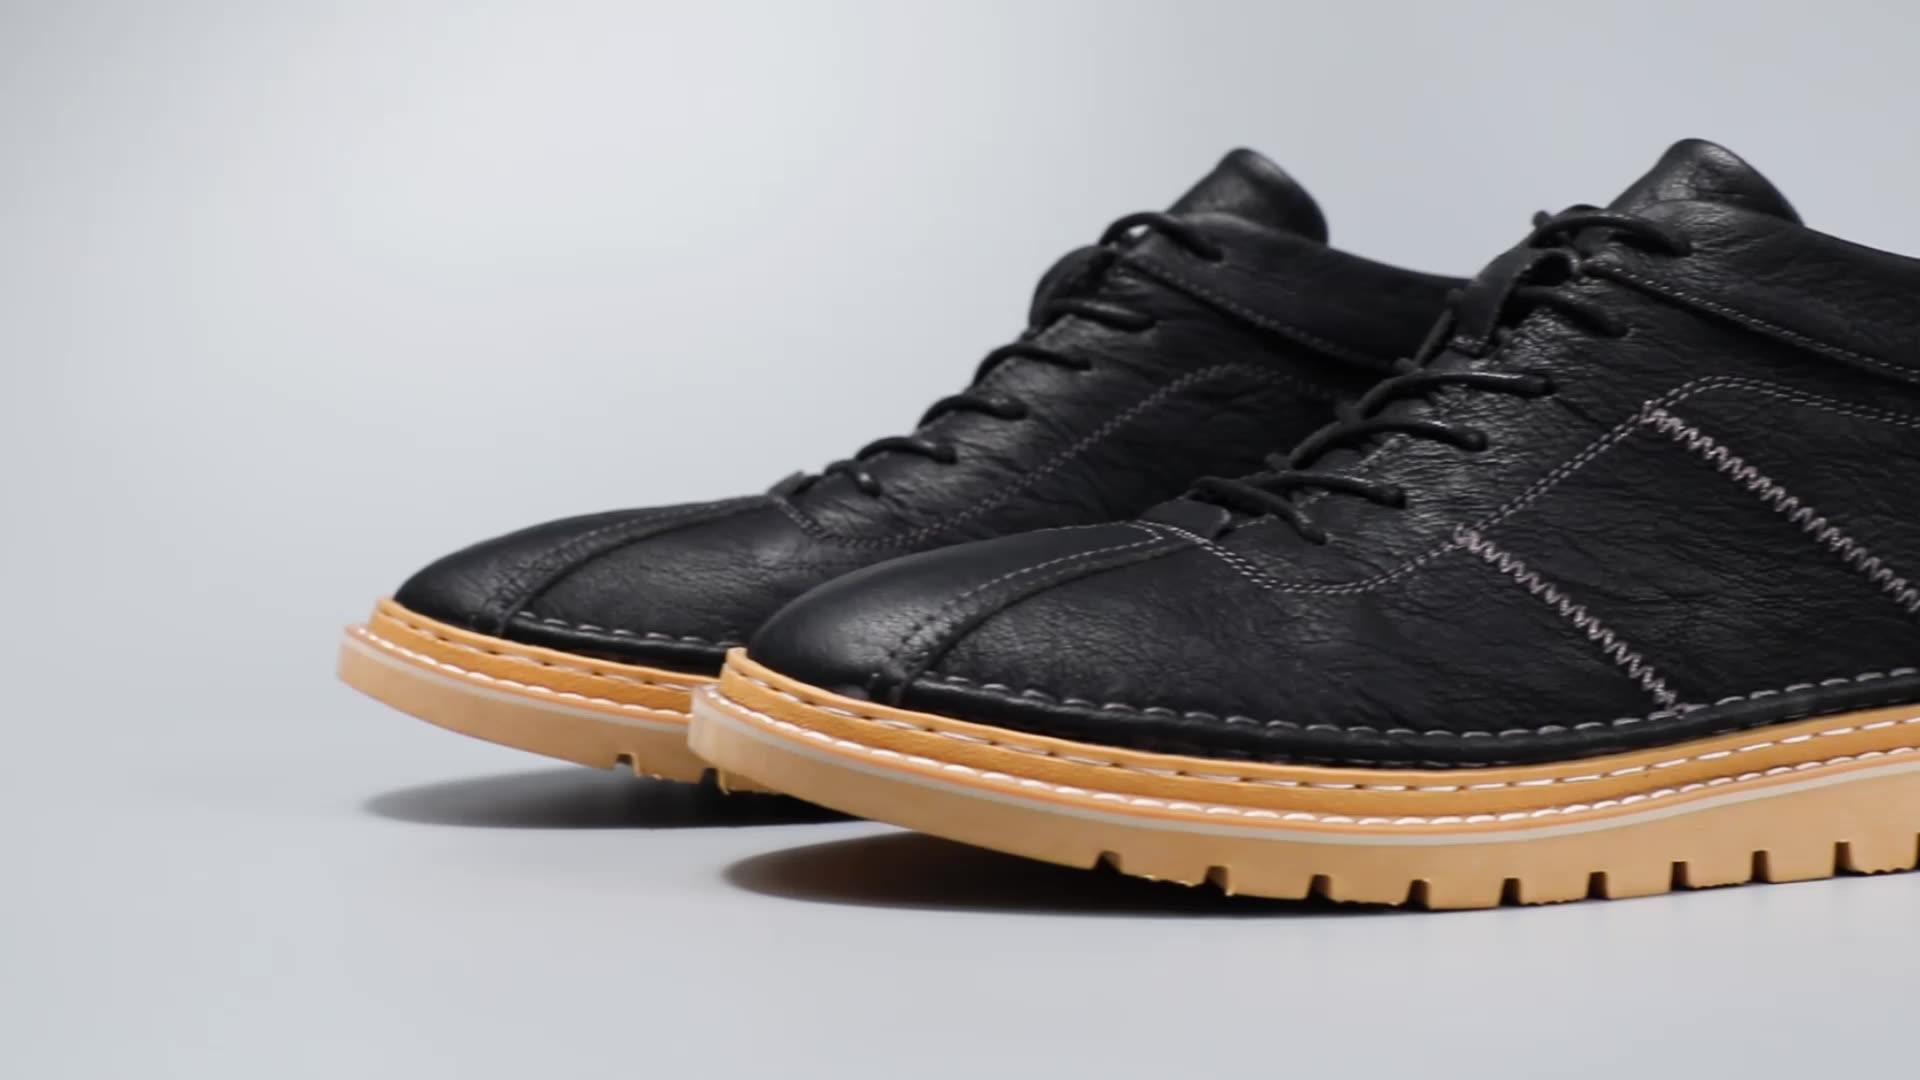 عارضة حذاء رسمي الرجال الرجال 2020 أحذية مزدوجة الراهب الذكية دي داما ديبورتيفو السعر المنخفض الكلاسيكية Doodogs رجل للقيادة نوير